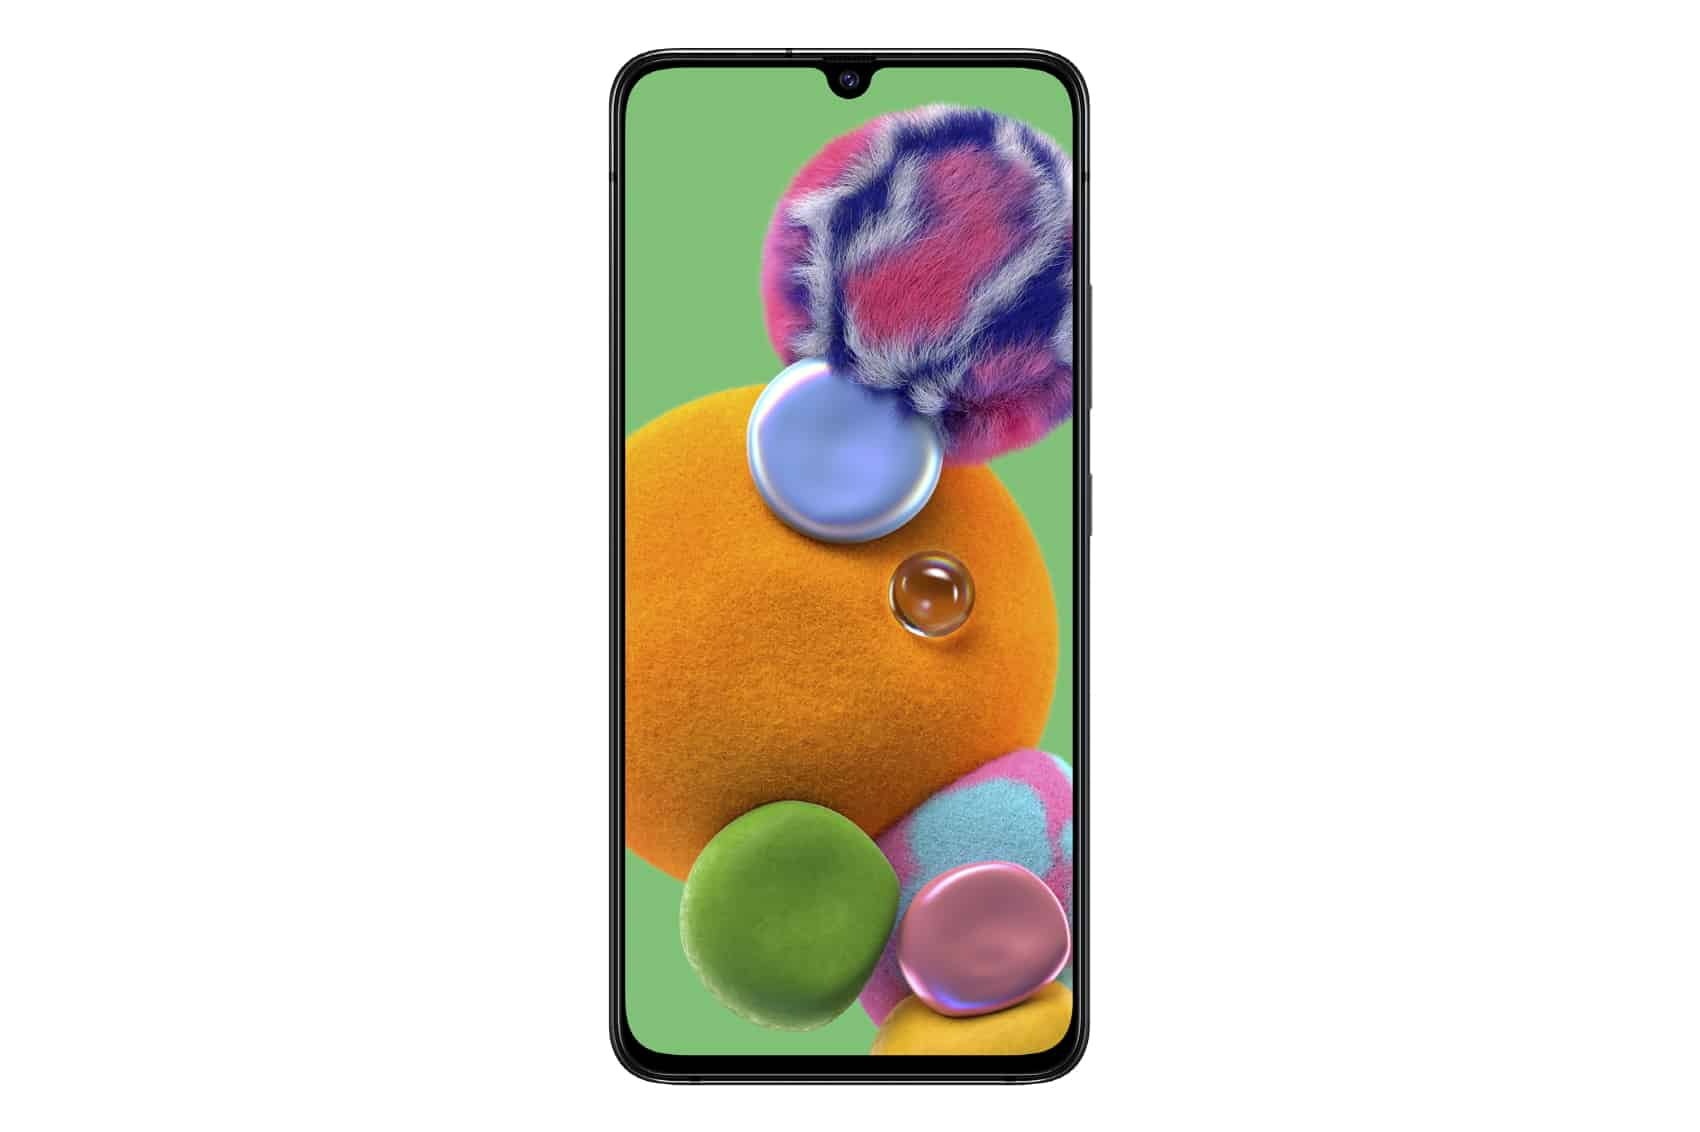 Samsung Galaxy A90 5G image 3